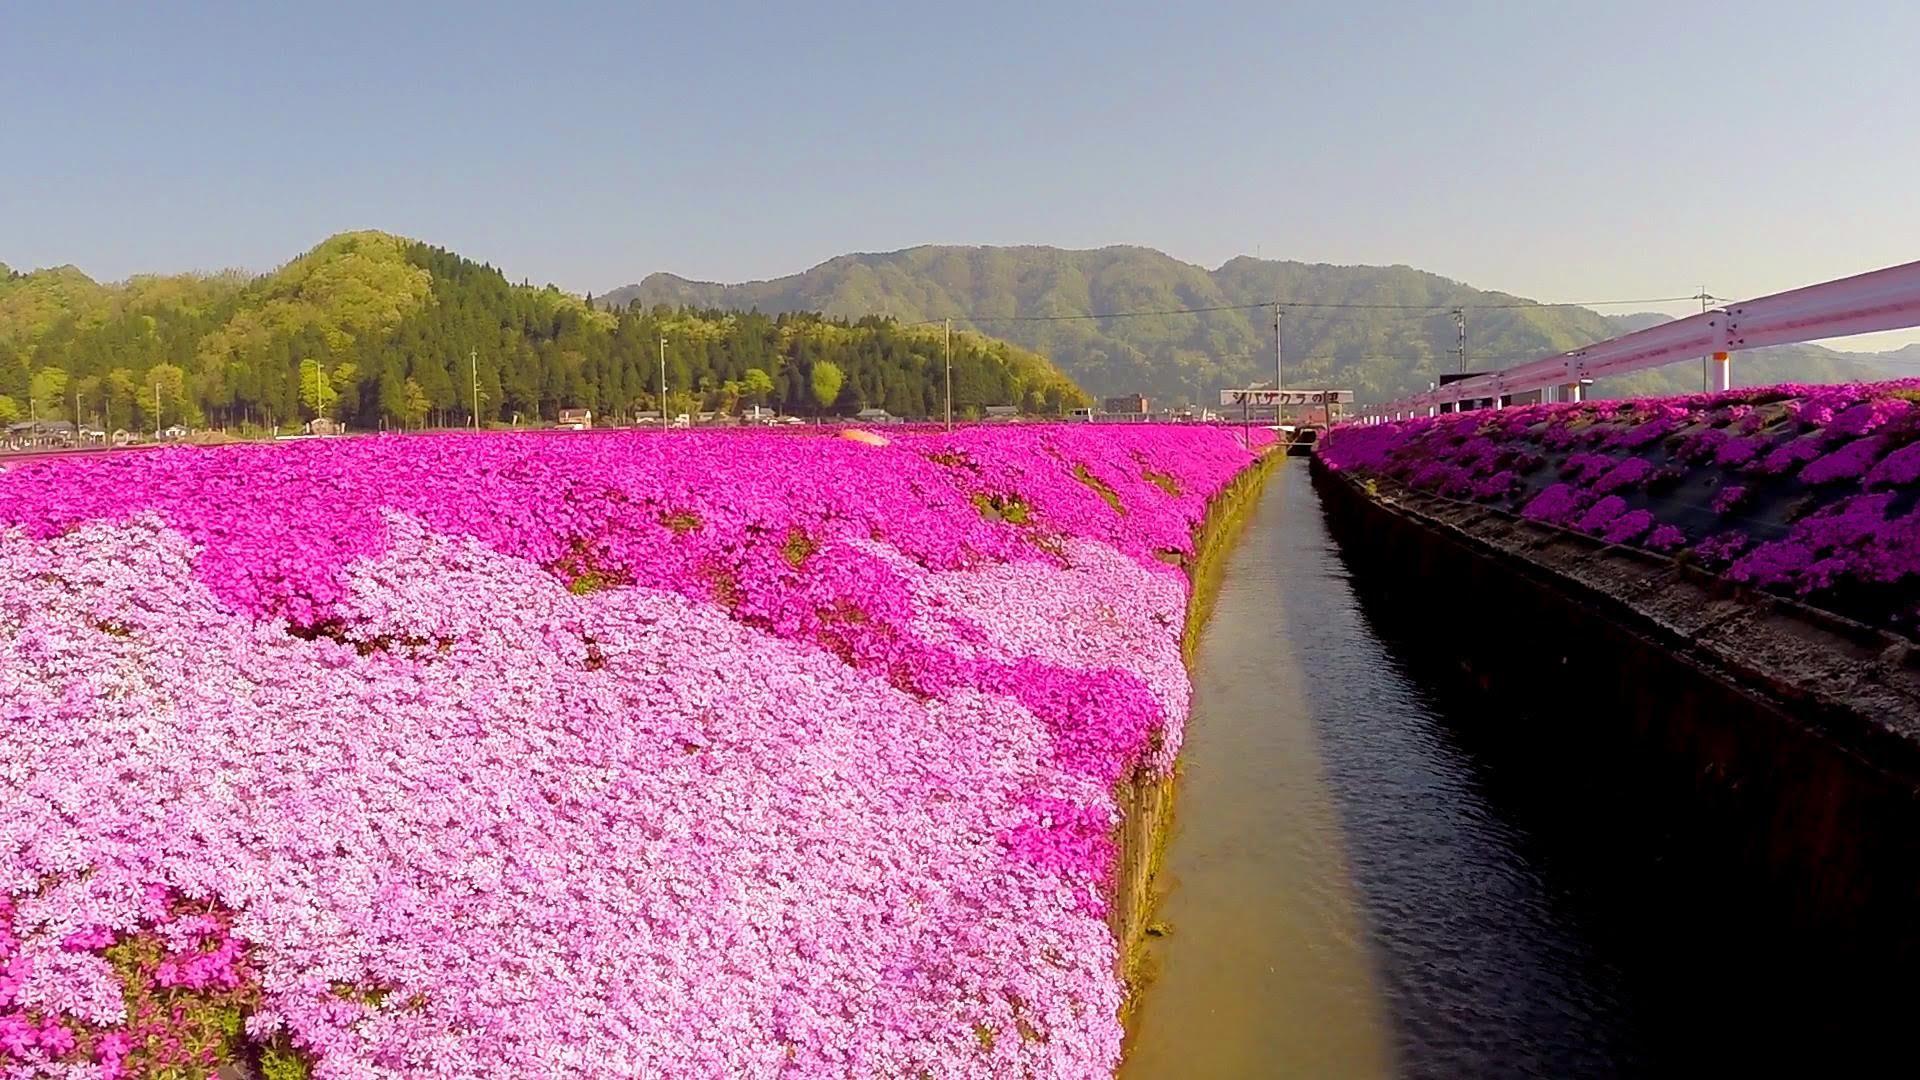 Người đàn ông Nhật Bản dành trọn tình yêu trồng đồi hoa trước nhà suốt 4 năm để tặng vợ mù lòa - Ảnh 21.